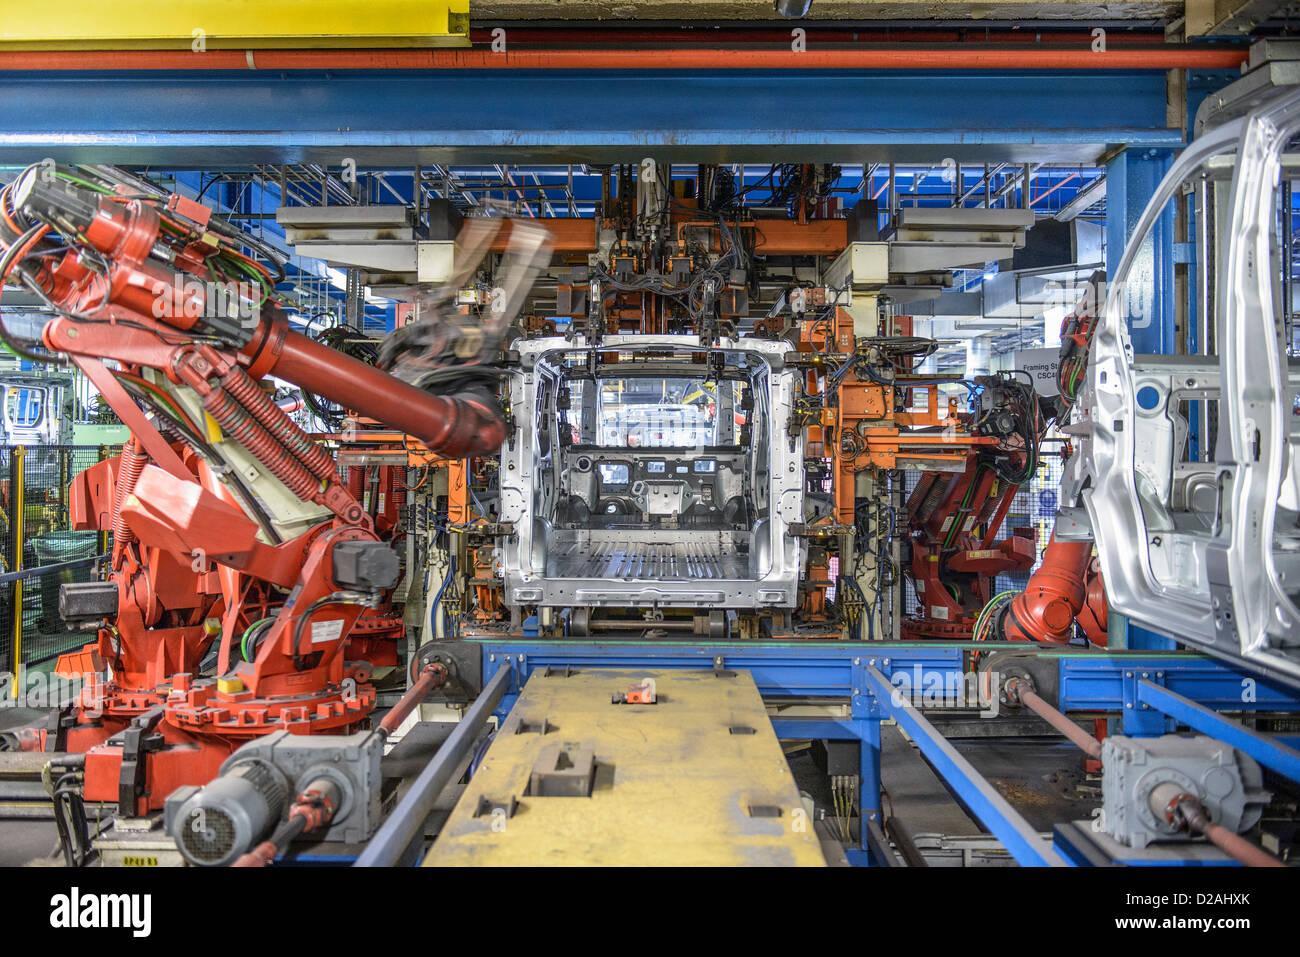 Robots welding van body in car factory - Stock Image